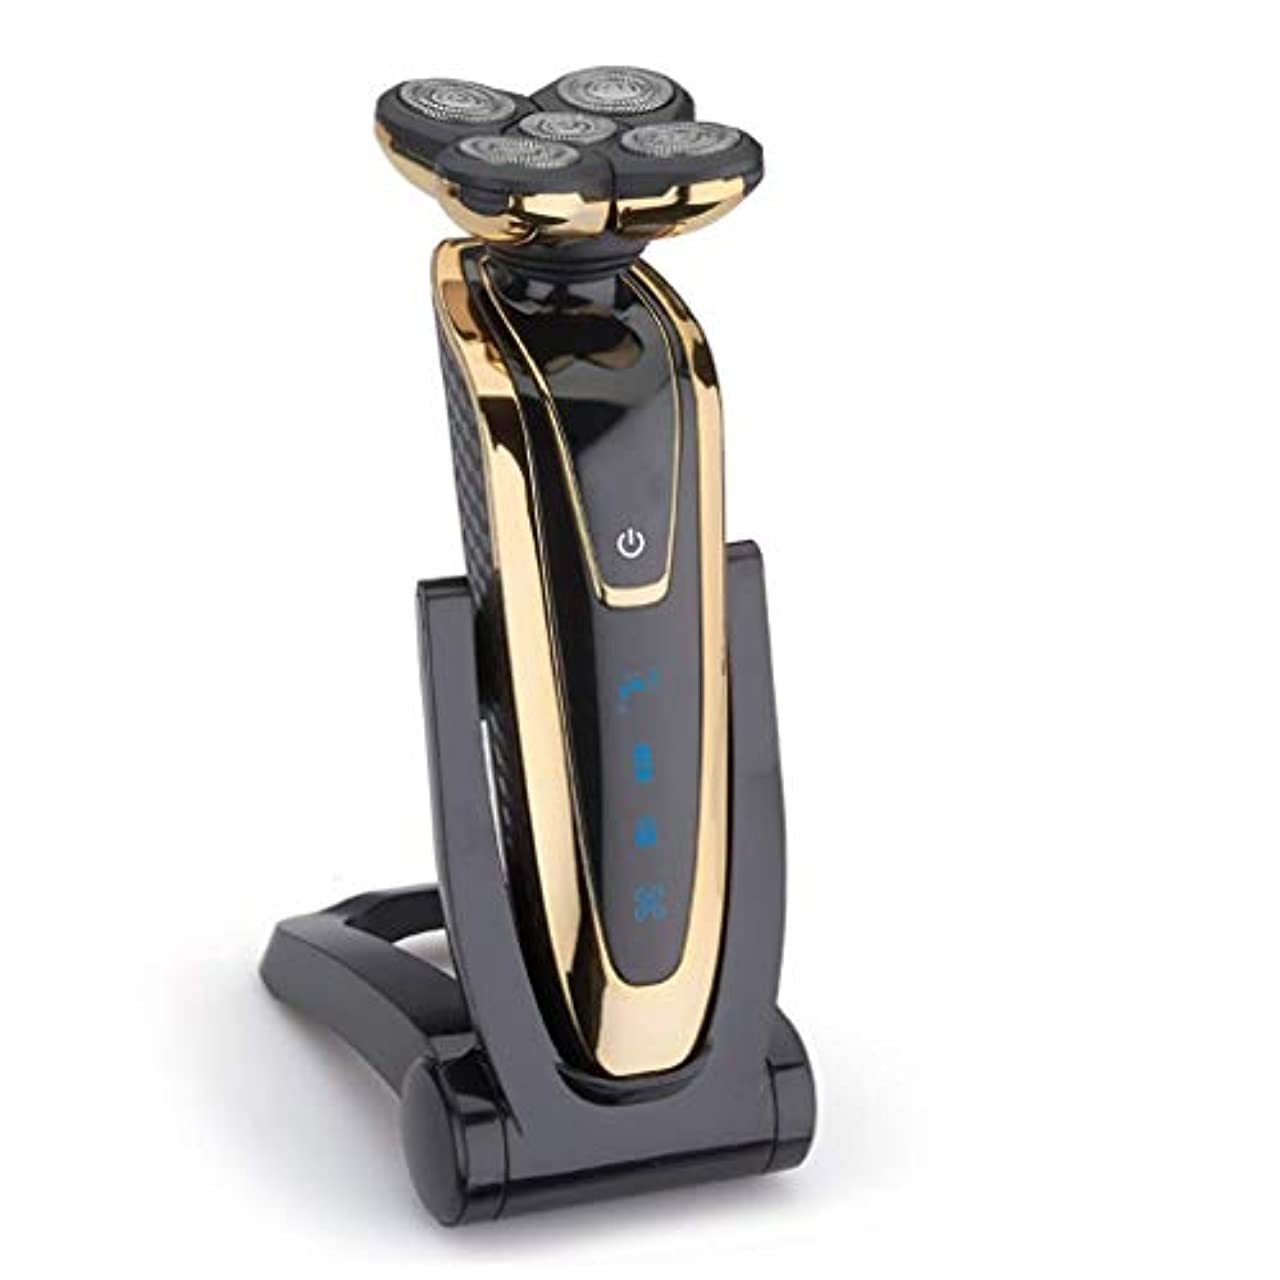 比類なきスロープアマチュアBEIHUAN キット3D浮動ロータリーシェーバーコードレスバリカンあごひげ髪トリマー防水USBの充電式グルーミング男性のための電気かみそり (Color : Gold)